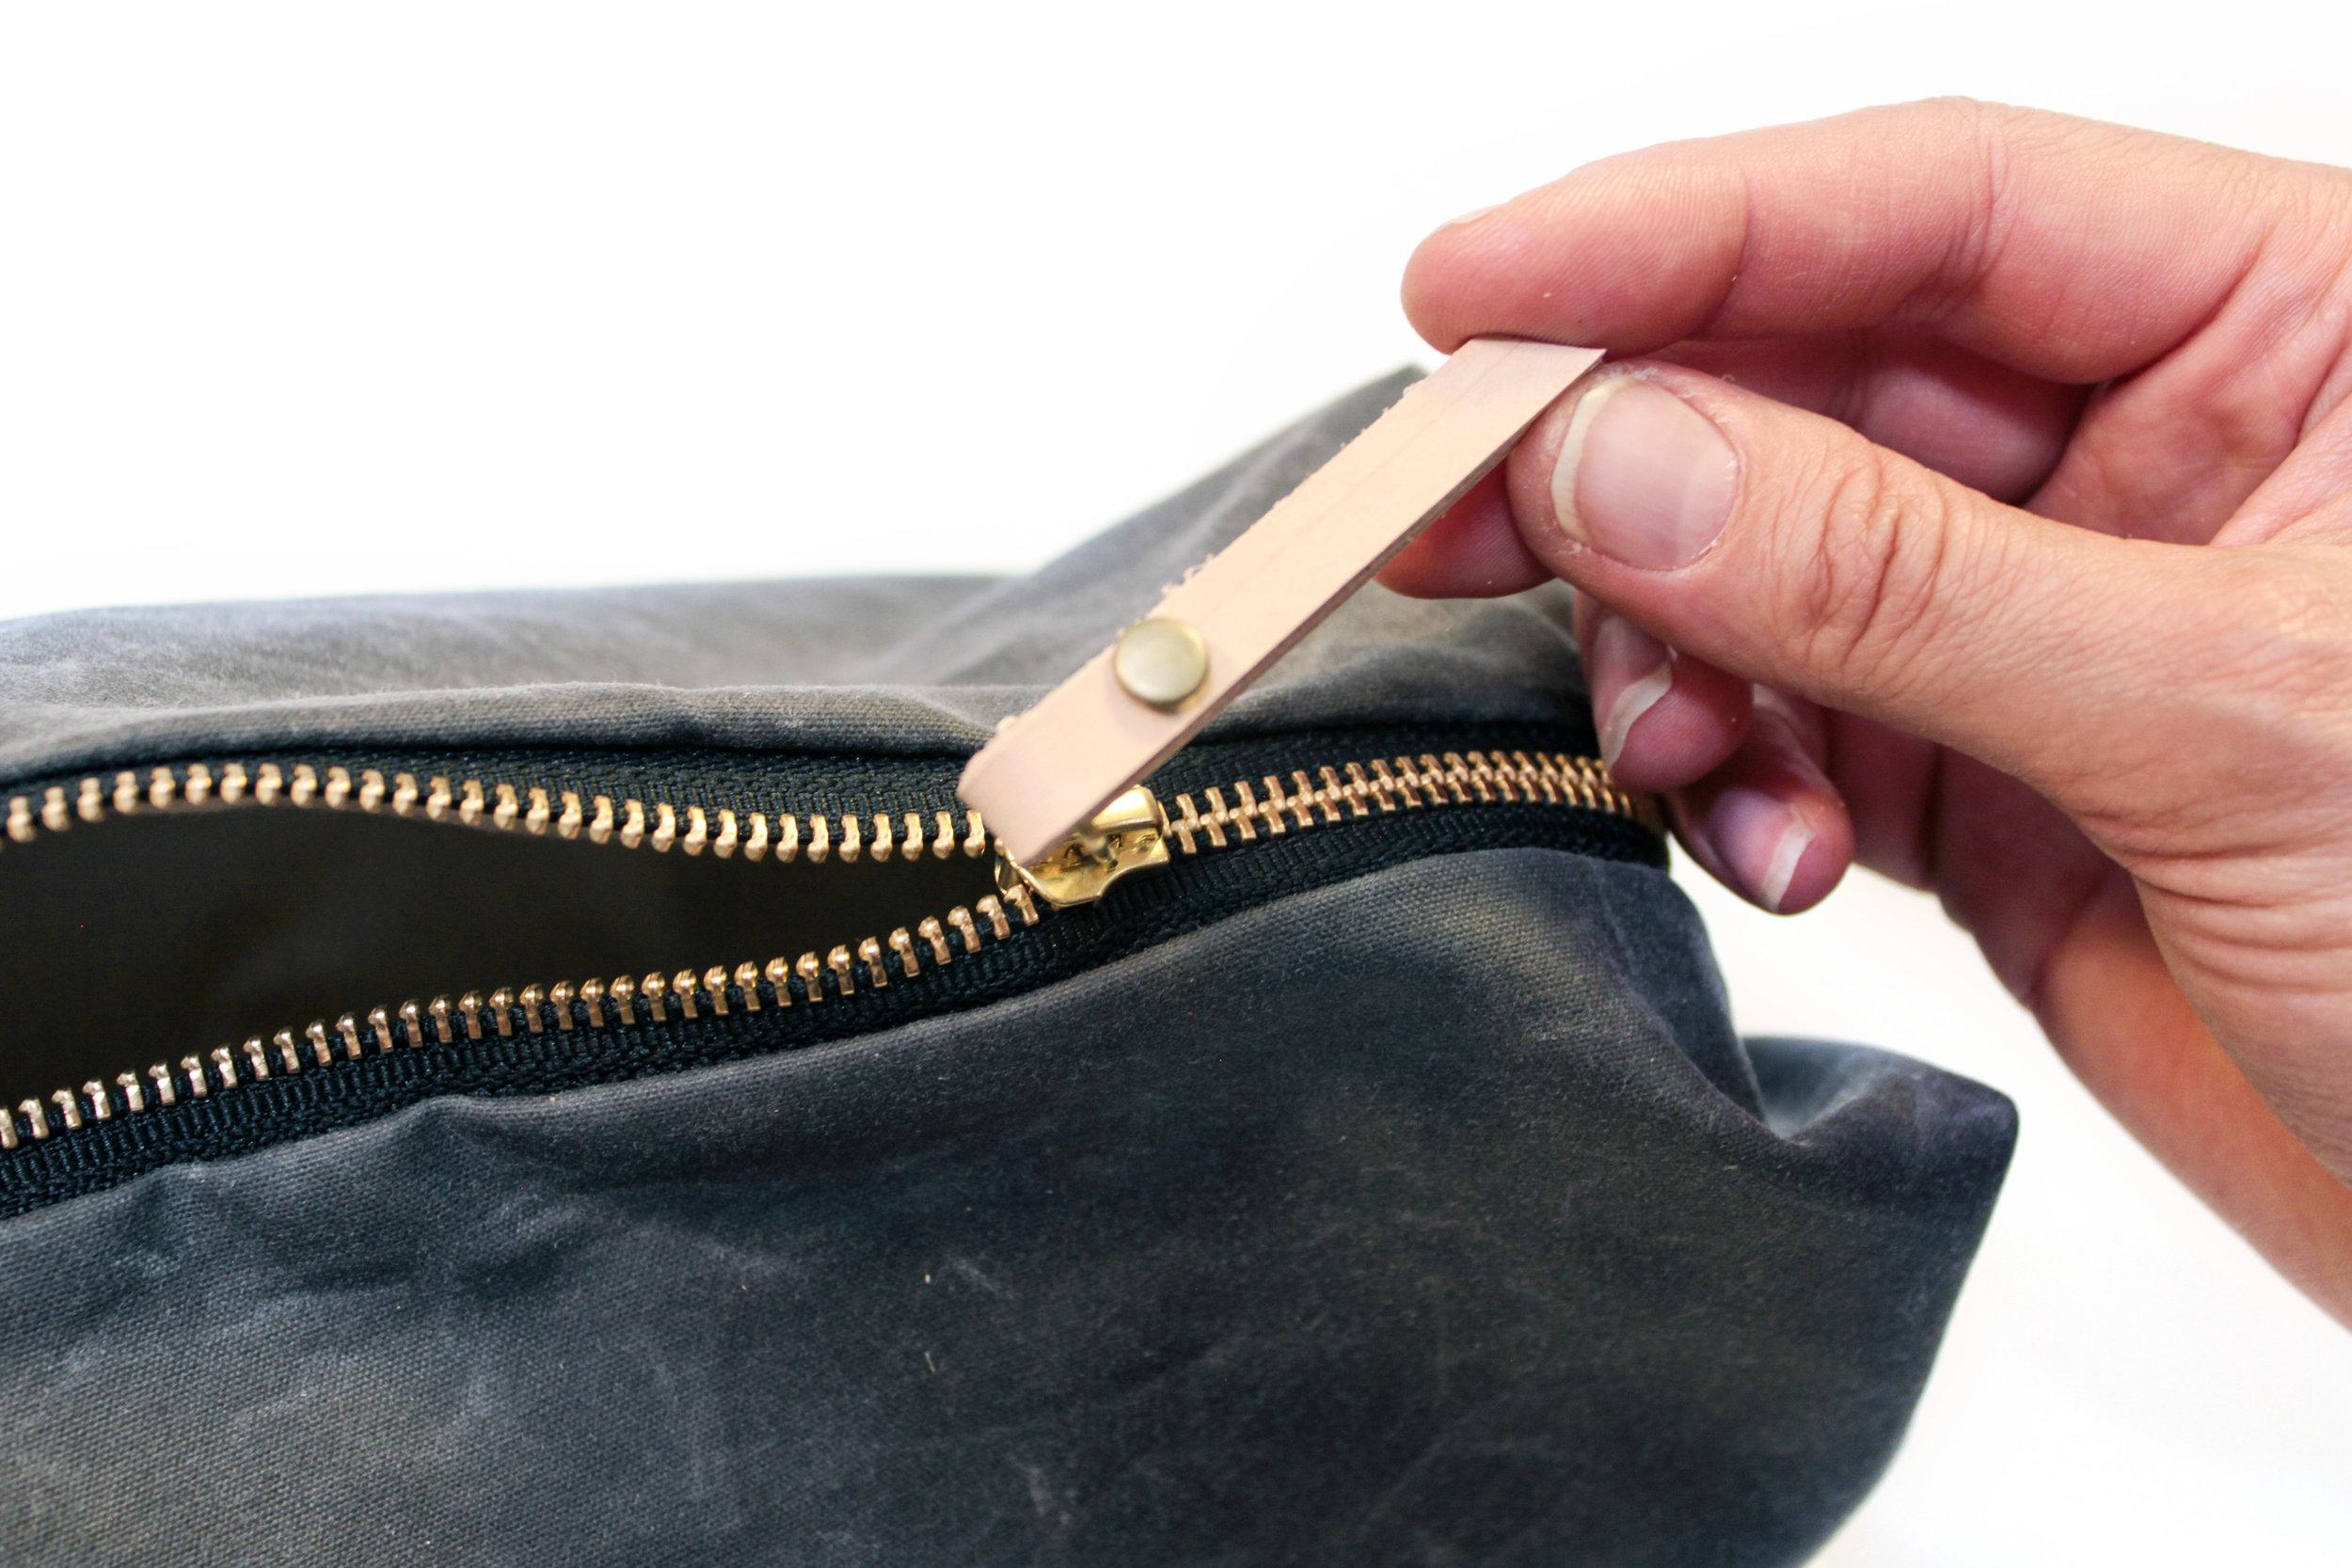 install-zipper-pull-3.jpg